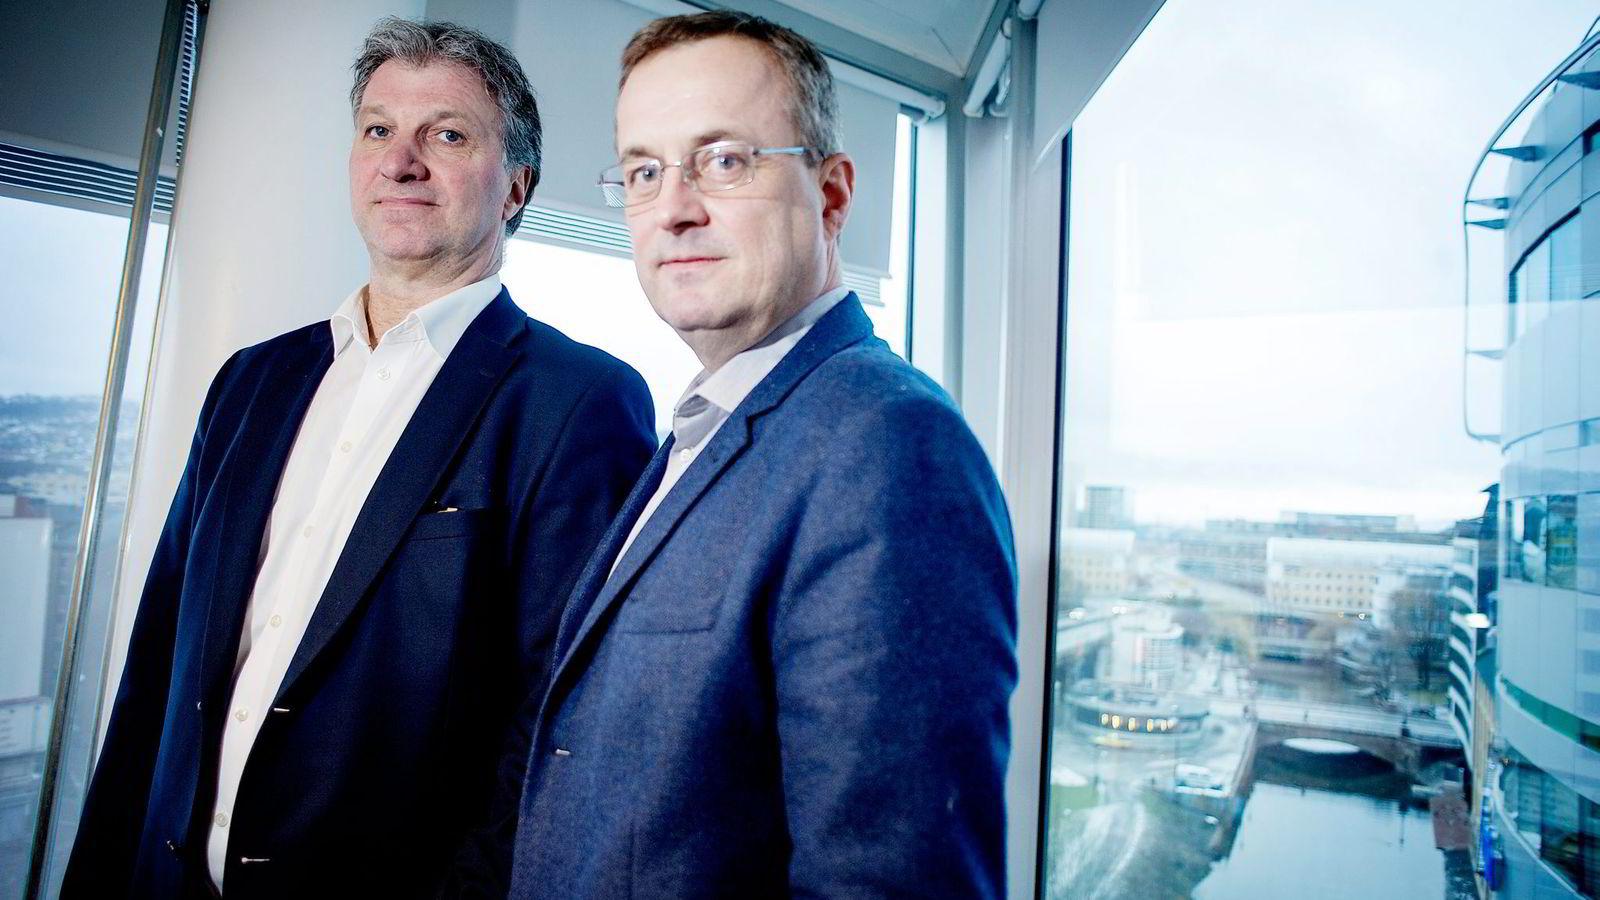 Ole Johan Sjaastad (til venstre) i Dagens Næringsliv og Per Brikt Olsen i Dagbladet er redd avisene vil tåkelegge opplagsutviklingen.